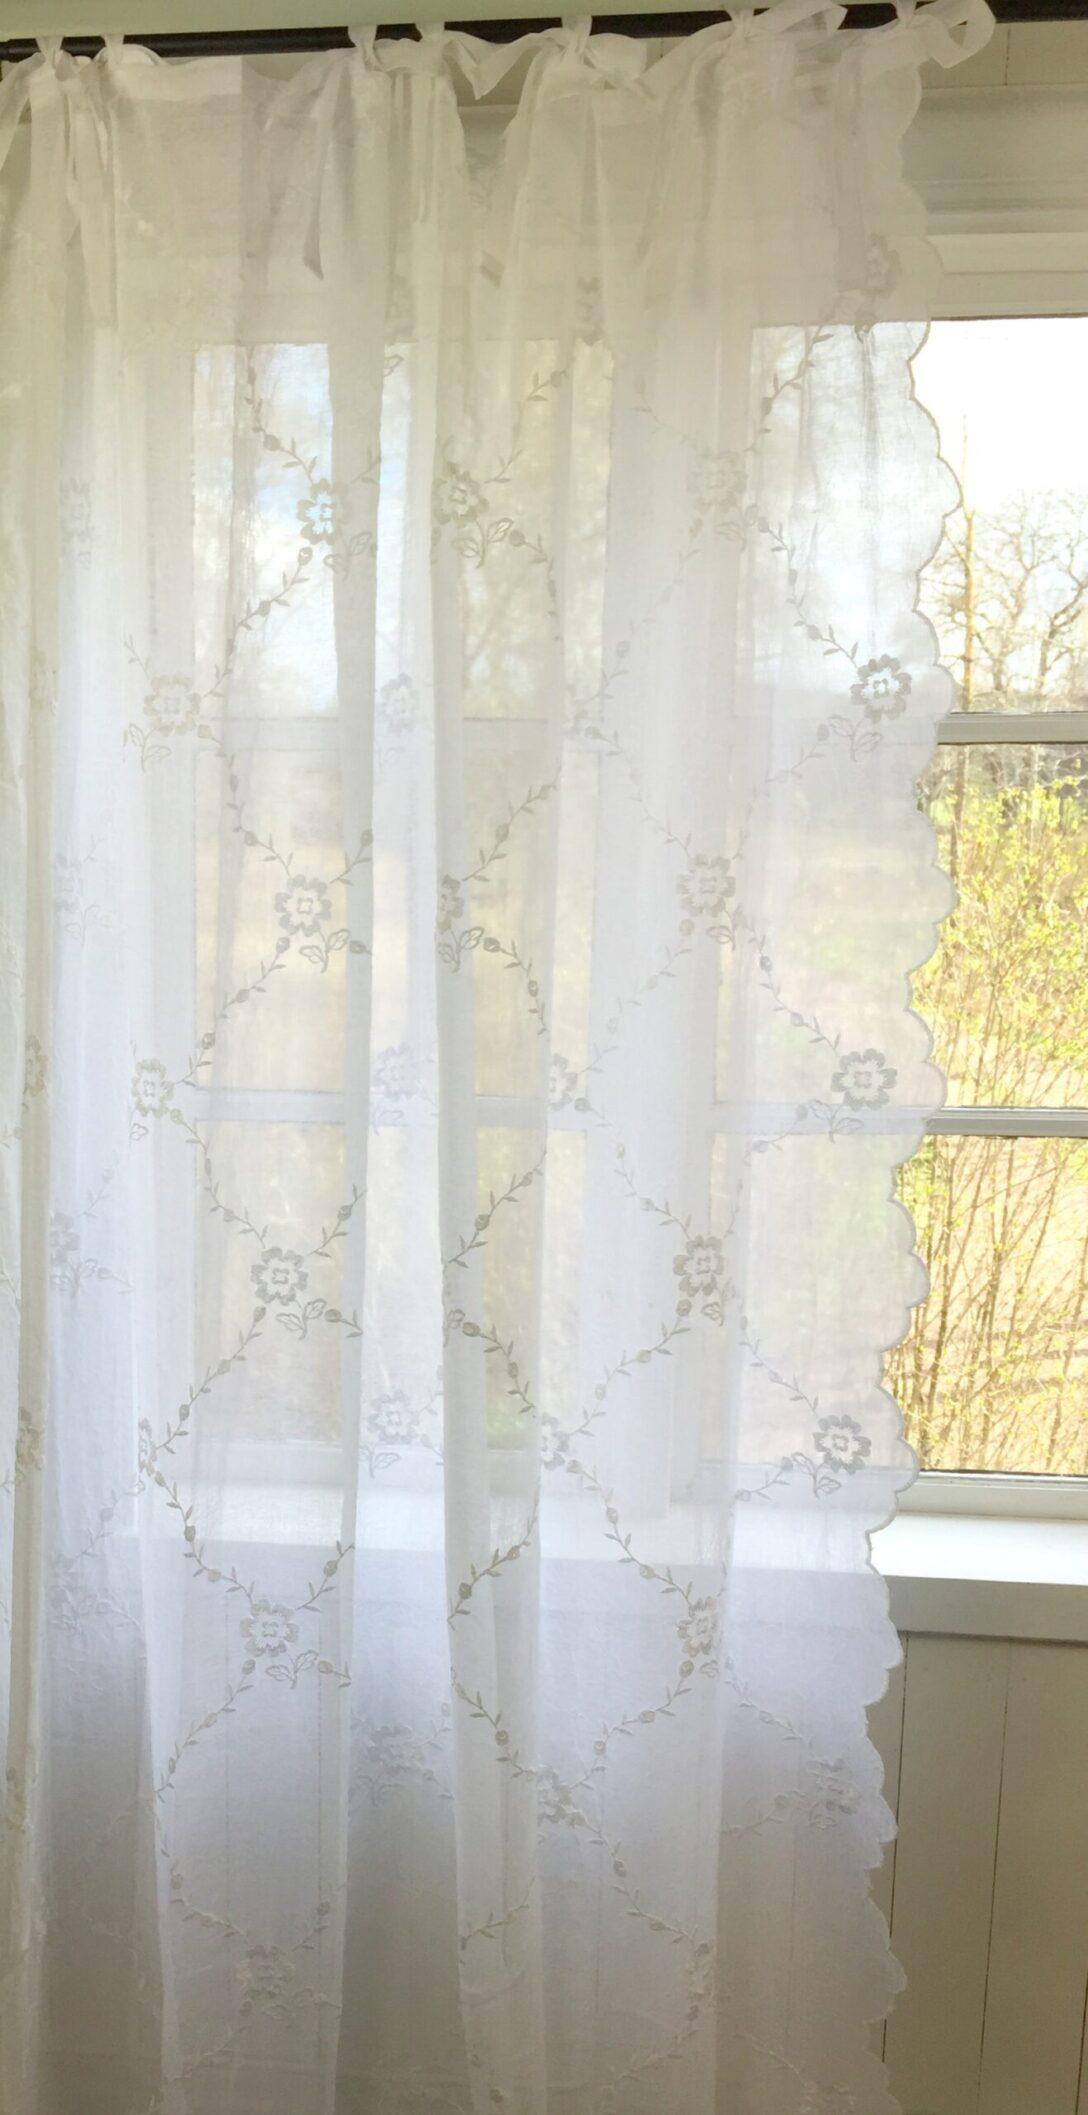 Large Size of Tischlampe Wohnzimmer Indirekte Beleuchtung Gardinen Für Deckenstrahler Großes Bild Deckenleuchten Deckenlampe Hängeschrank Weiß Hochglanz Deckenleuchte Wohnzimmer Scheibengardine Wohnzimmer